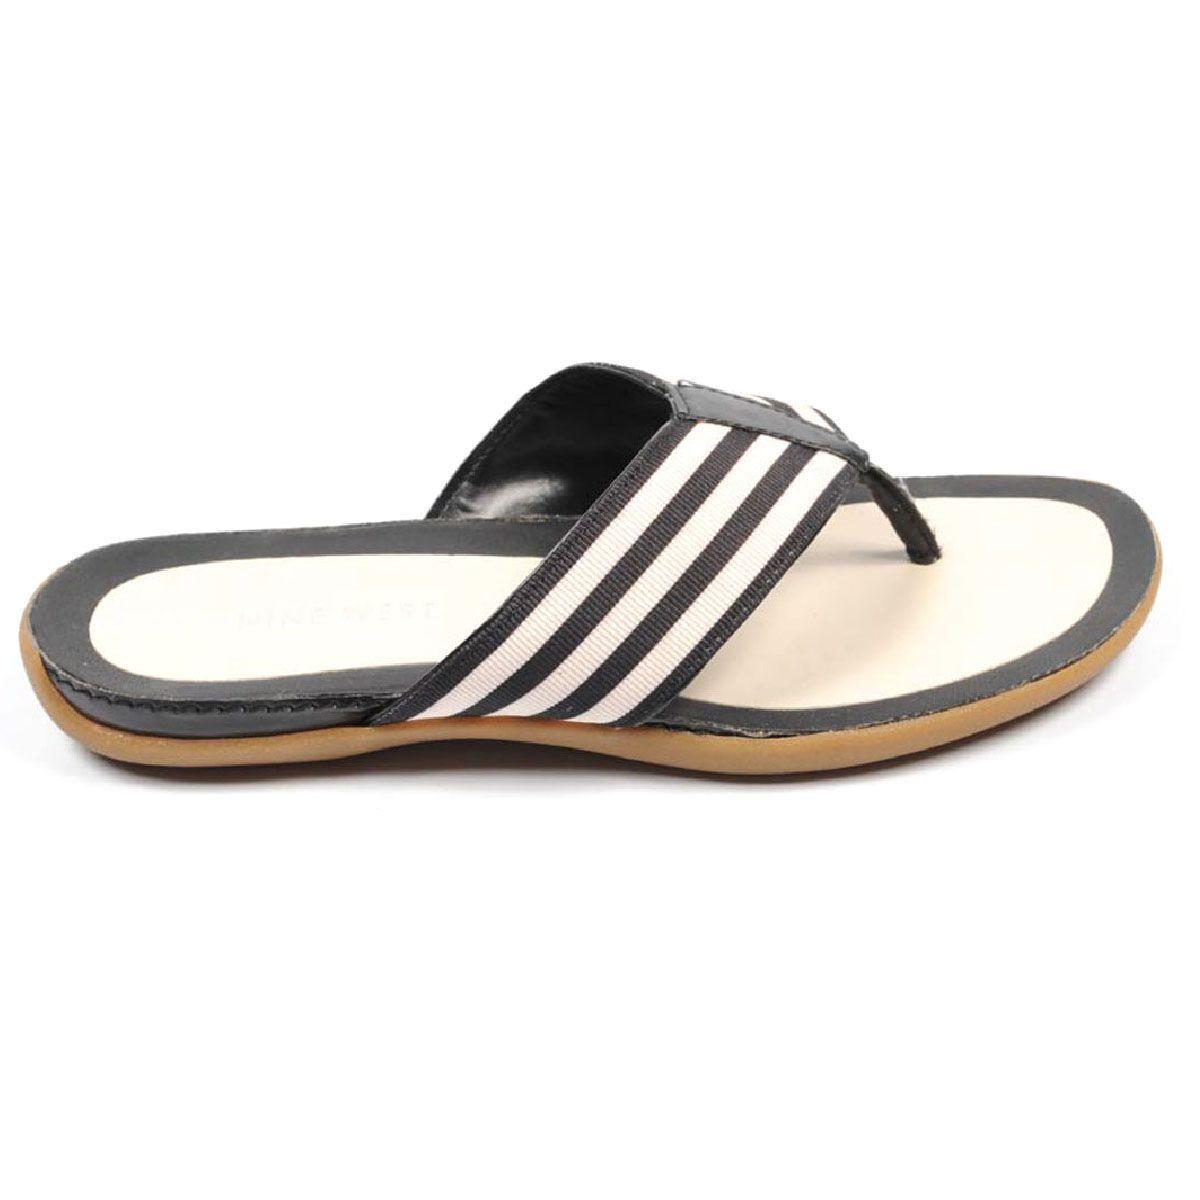 da0f5722d Nine West Womens Flat Sandal NWDELAKAS NATBK BLK